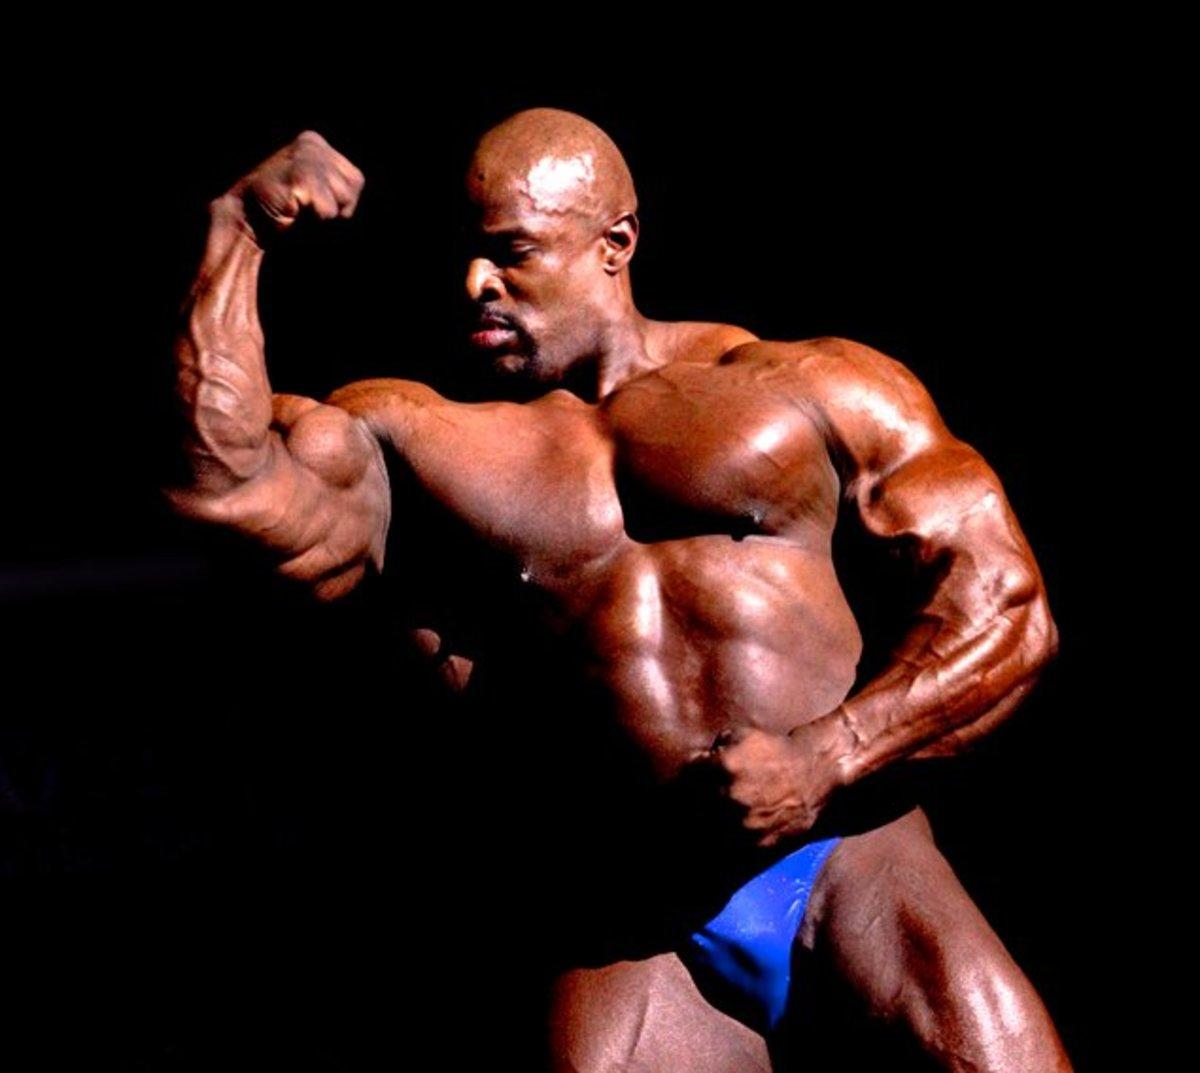 Like big muscles do girls It's true!